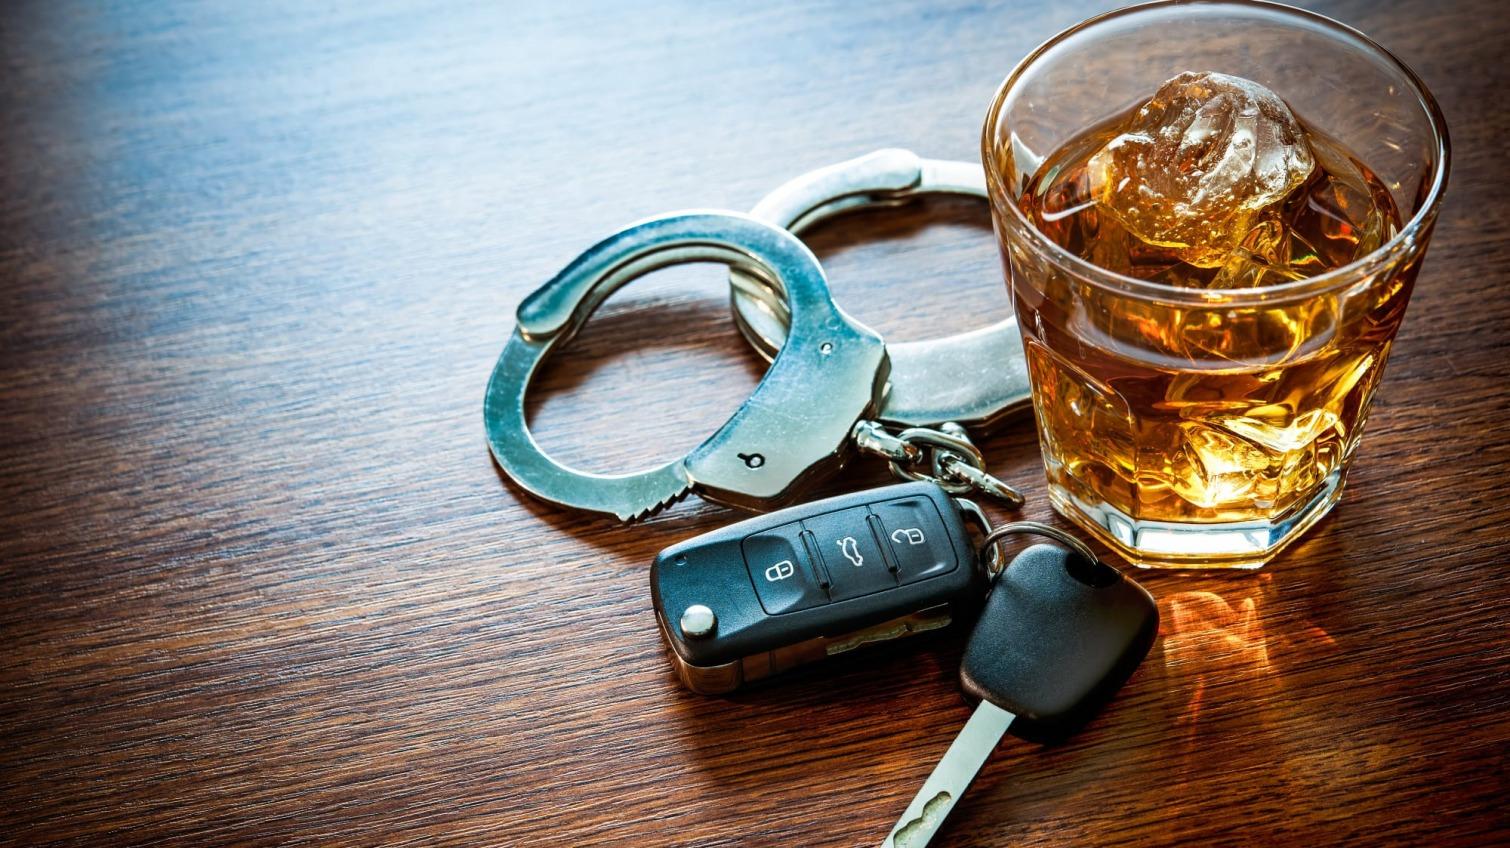 За ночь в Одессе выявили 12 пьяных водителей «фото»